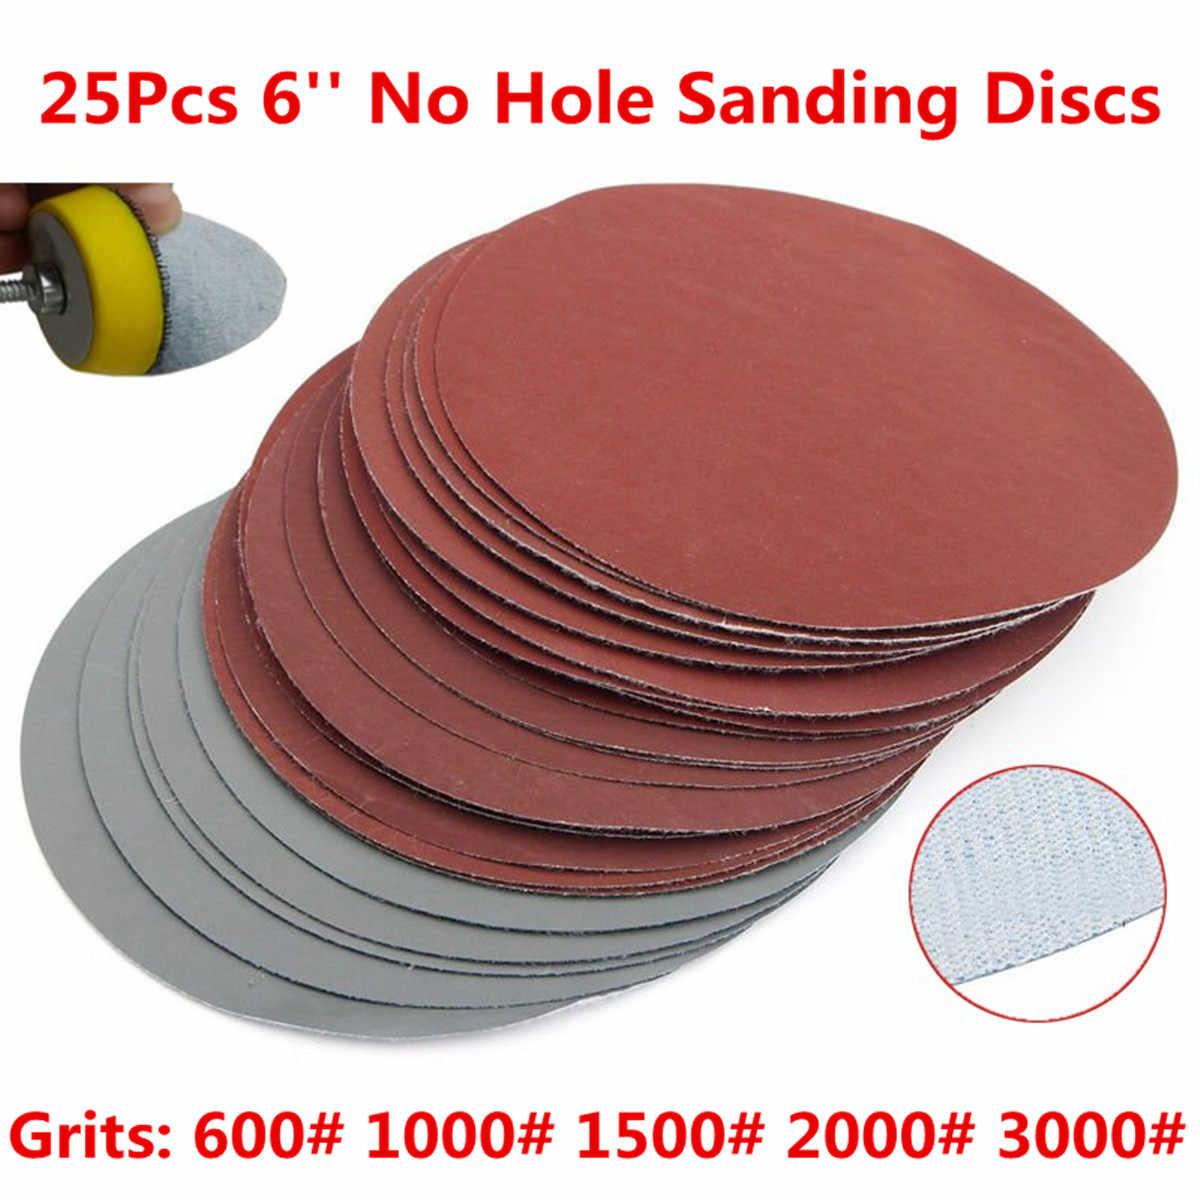 25 Buah/Set Bulat Amplas Disk Pasir Lembar Grit 600-3000 Hook Loop Sanding Disc untuk Sander Bubur Jagung Alat Abrasif 150Mm 6 Inci